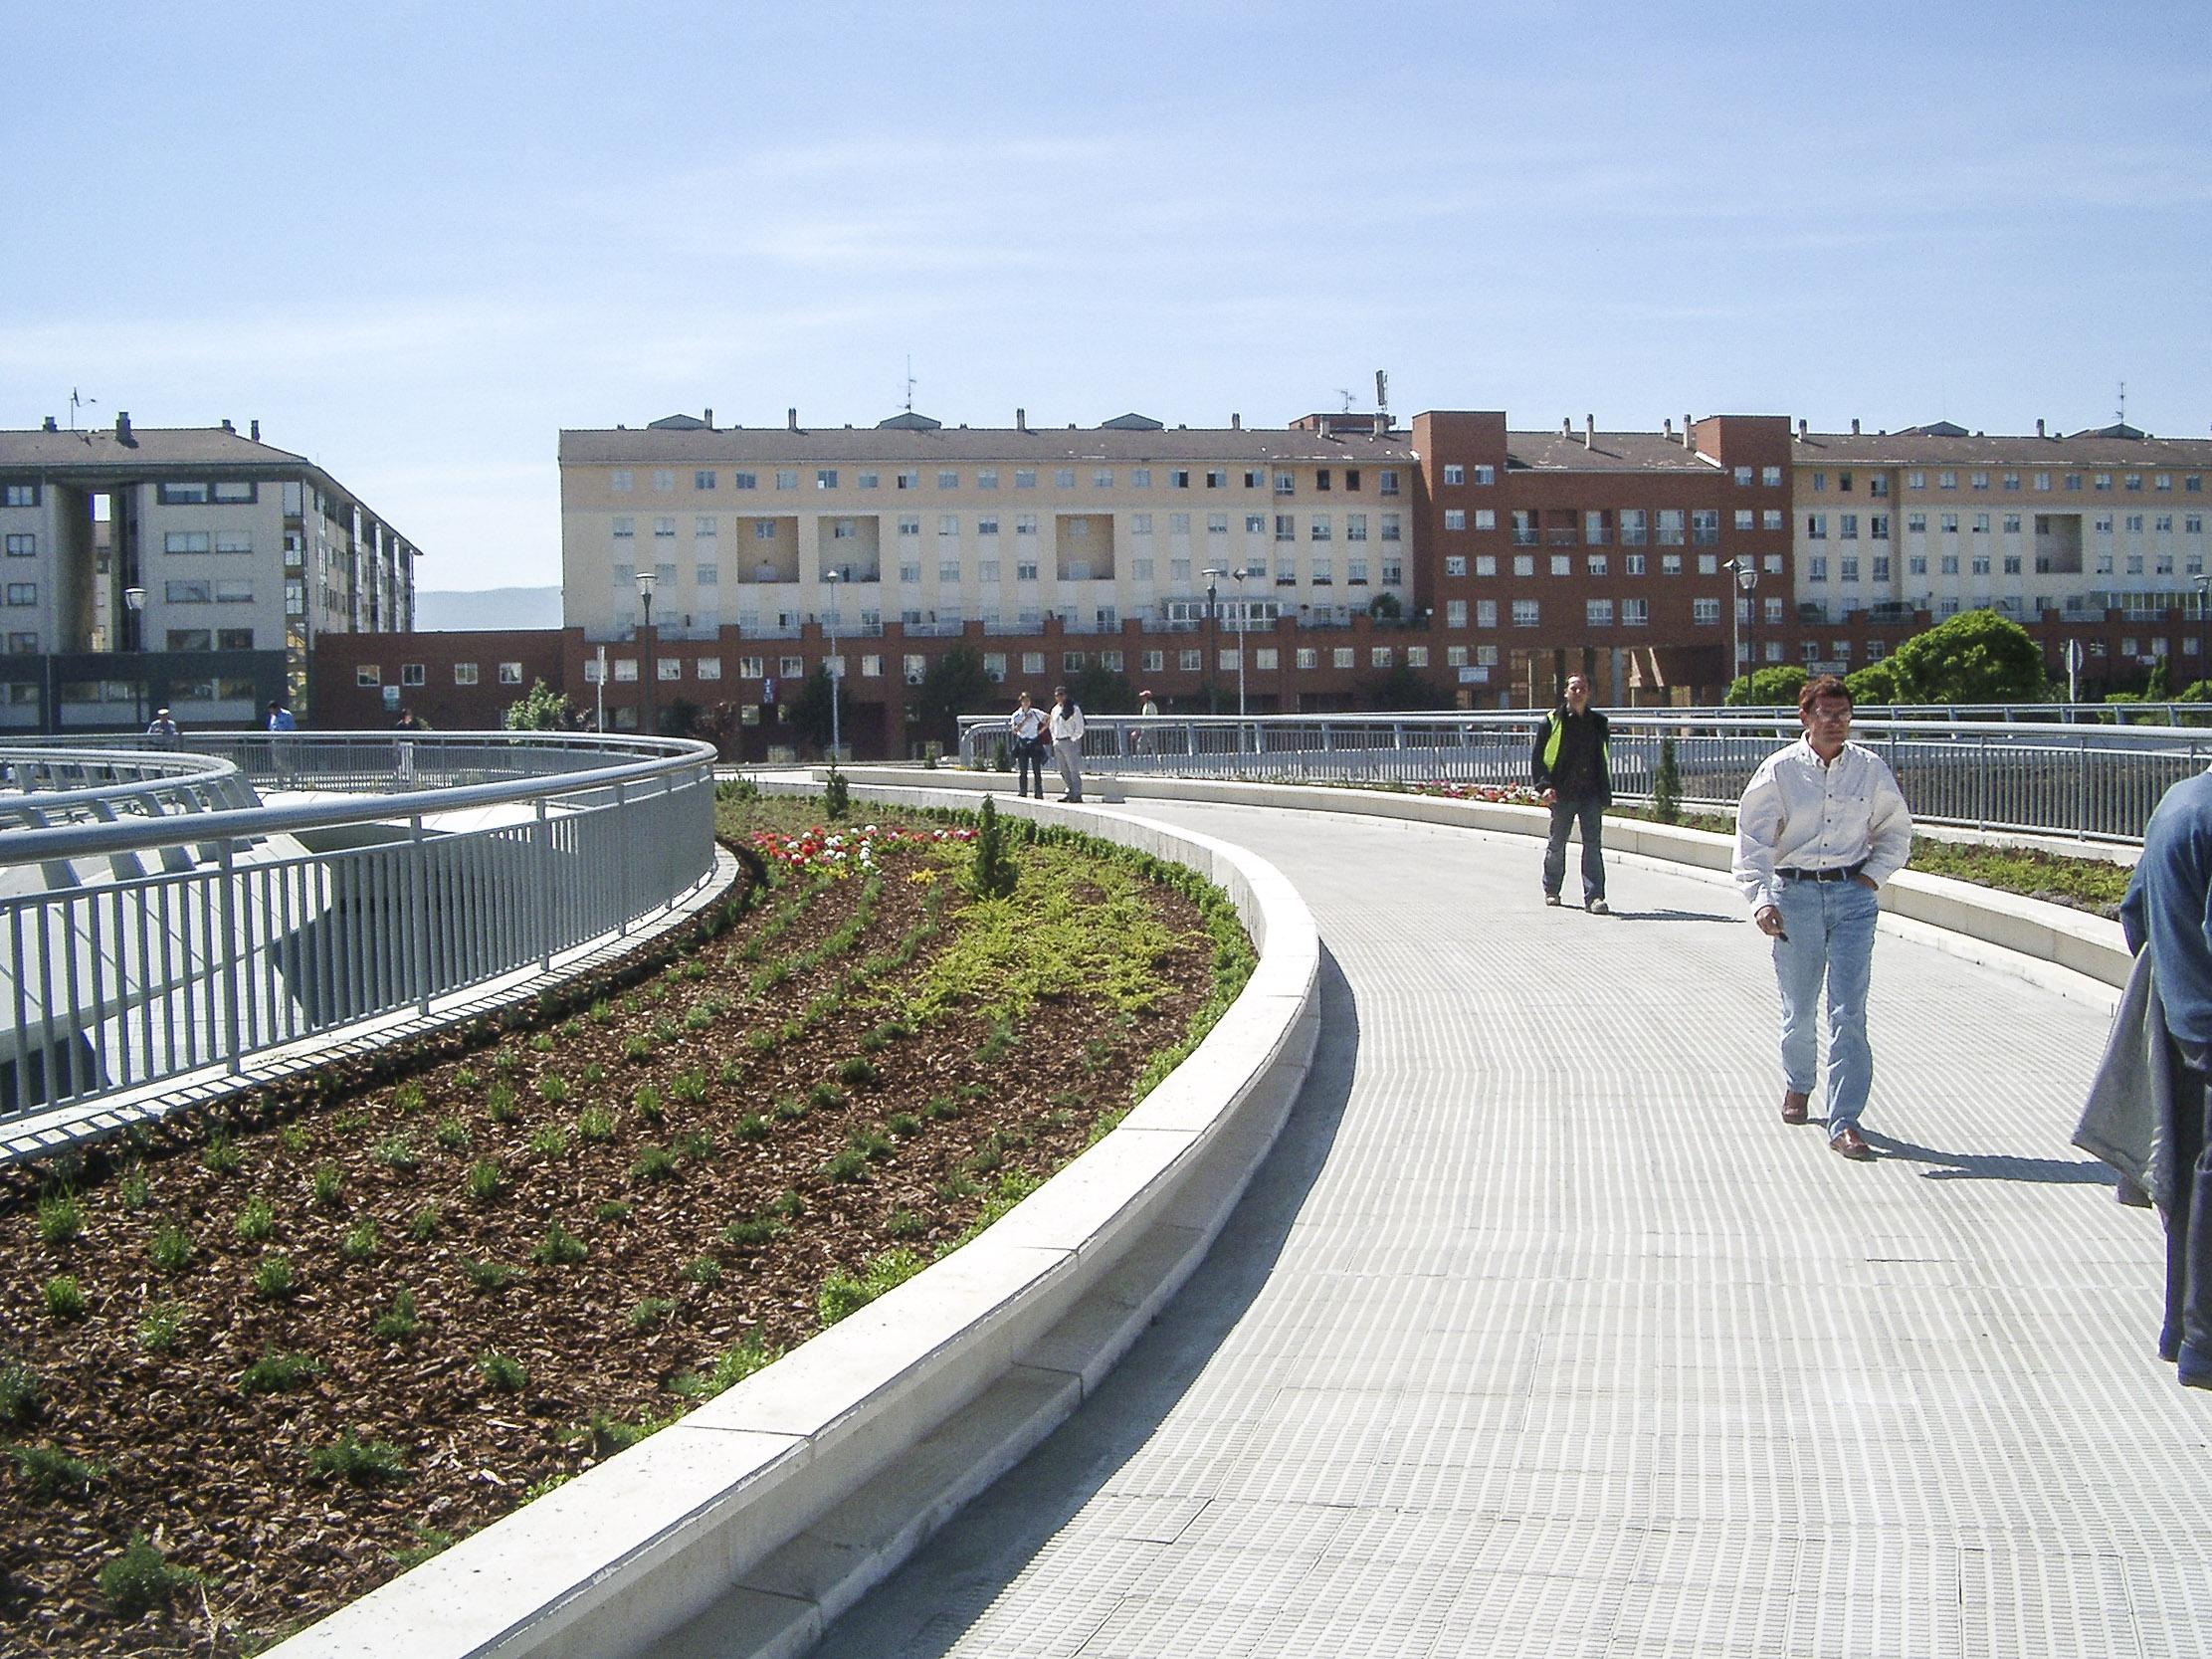 Zizur Mayor Spain  city photos gallery : ... de Proyectos Puente de Zizur Mayor. Navarra. España. 2004. CFCSL